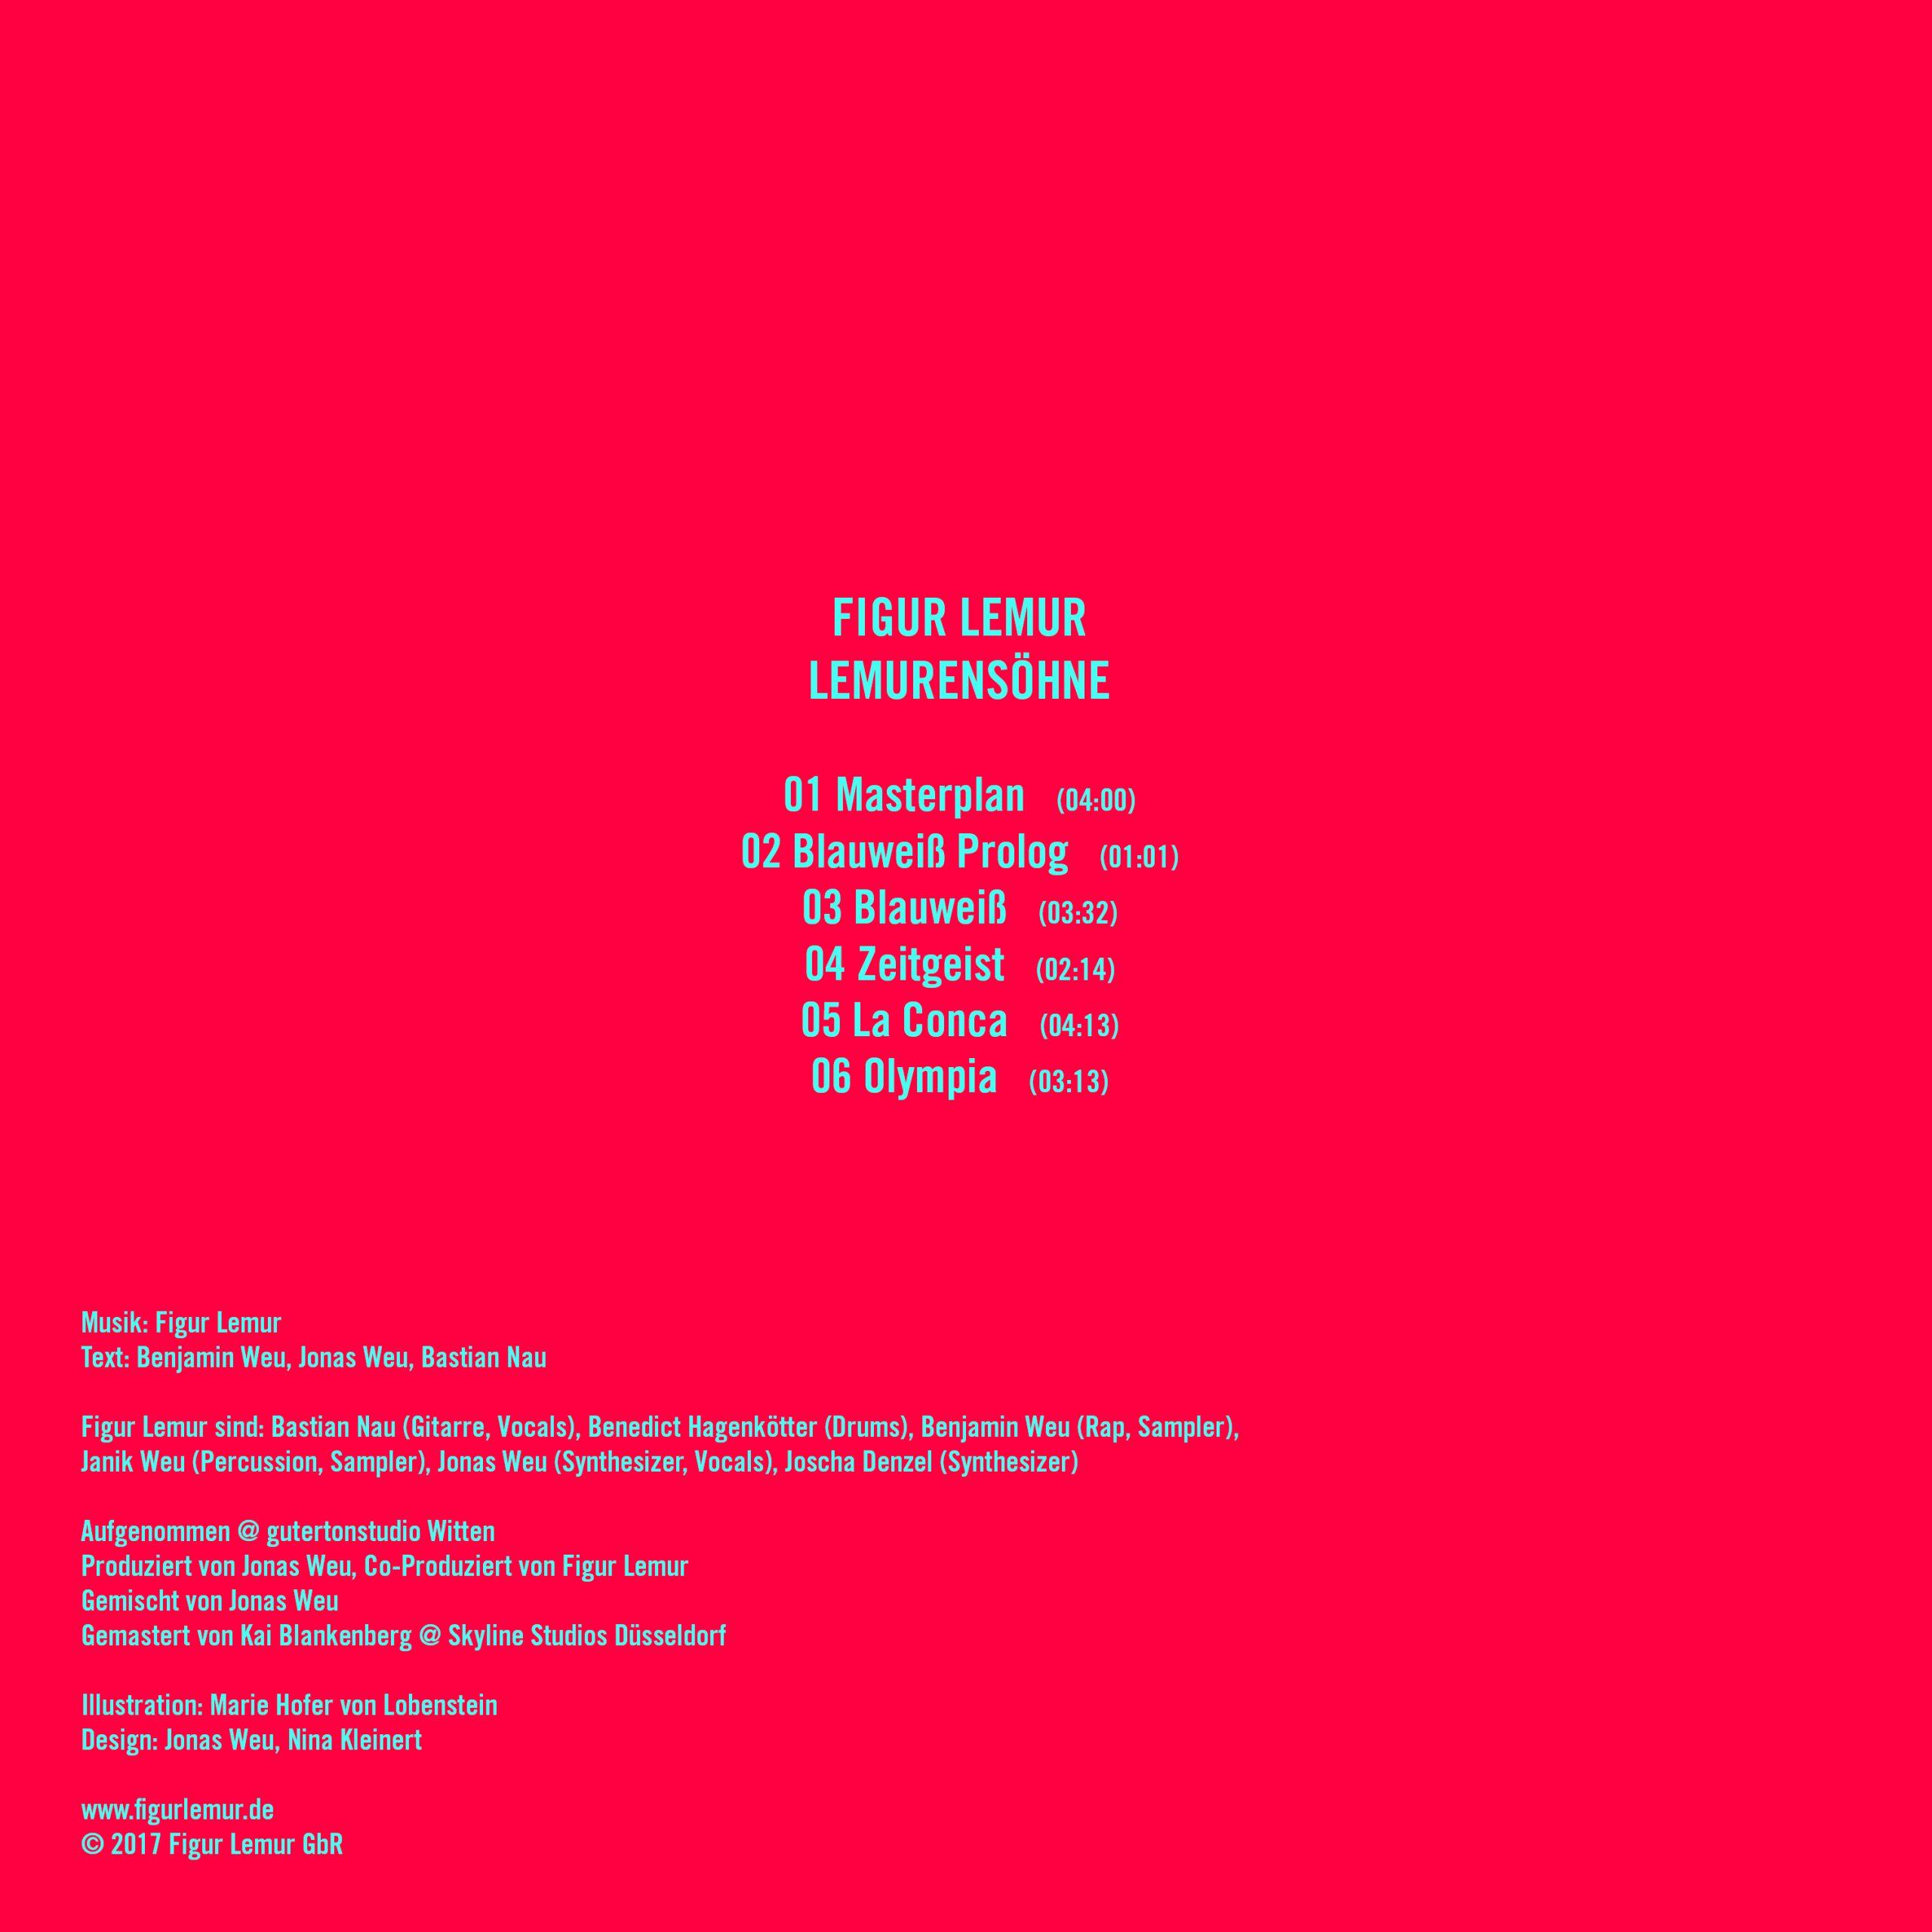 Figur Lemur - Lemurensöhne EP - Cover Rückseite